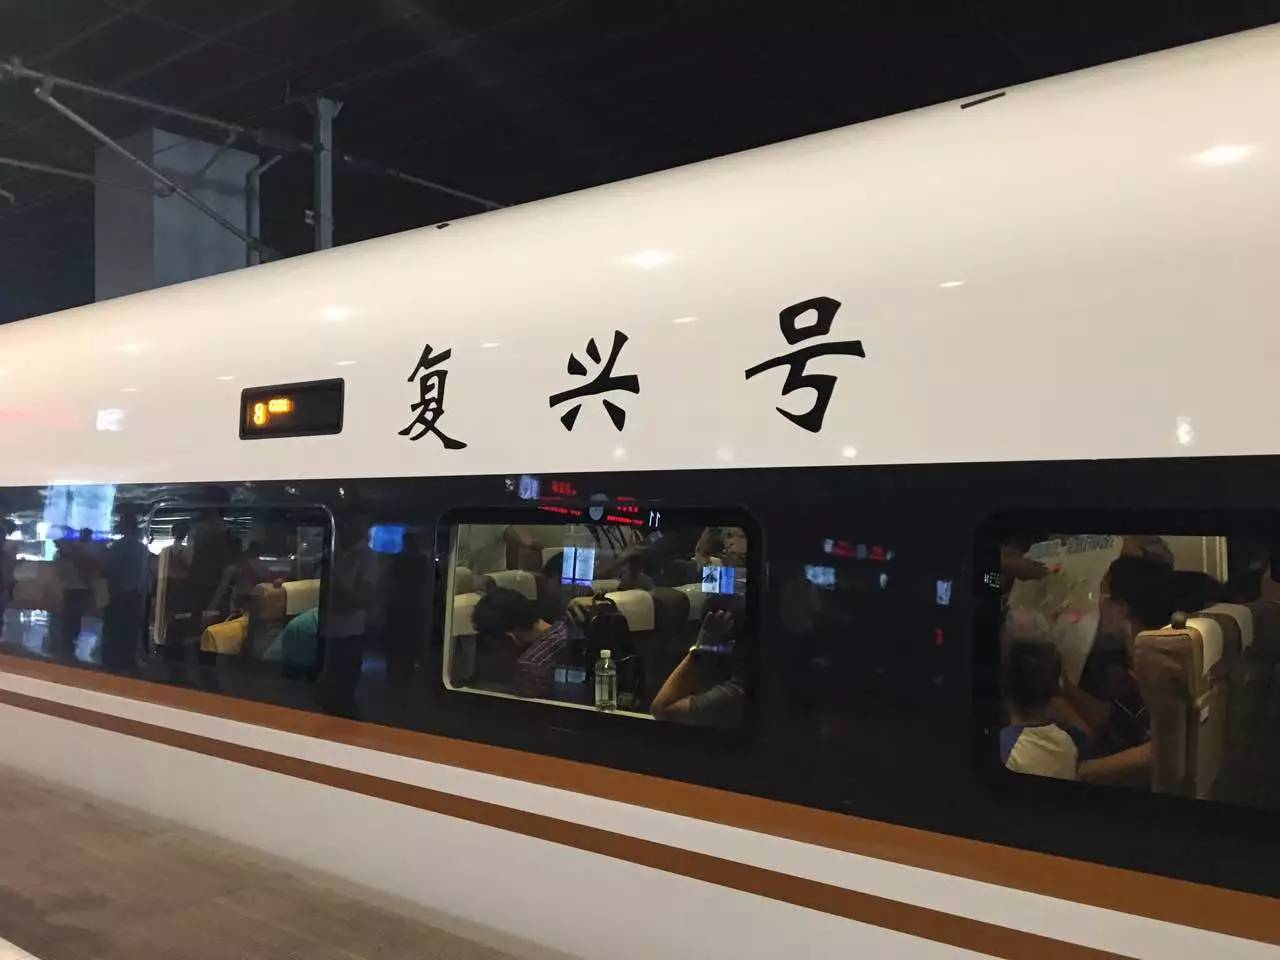 刚刚 最快动车组高铁列车 复兴号 停靠苏州啦 票价与和谐号一样